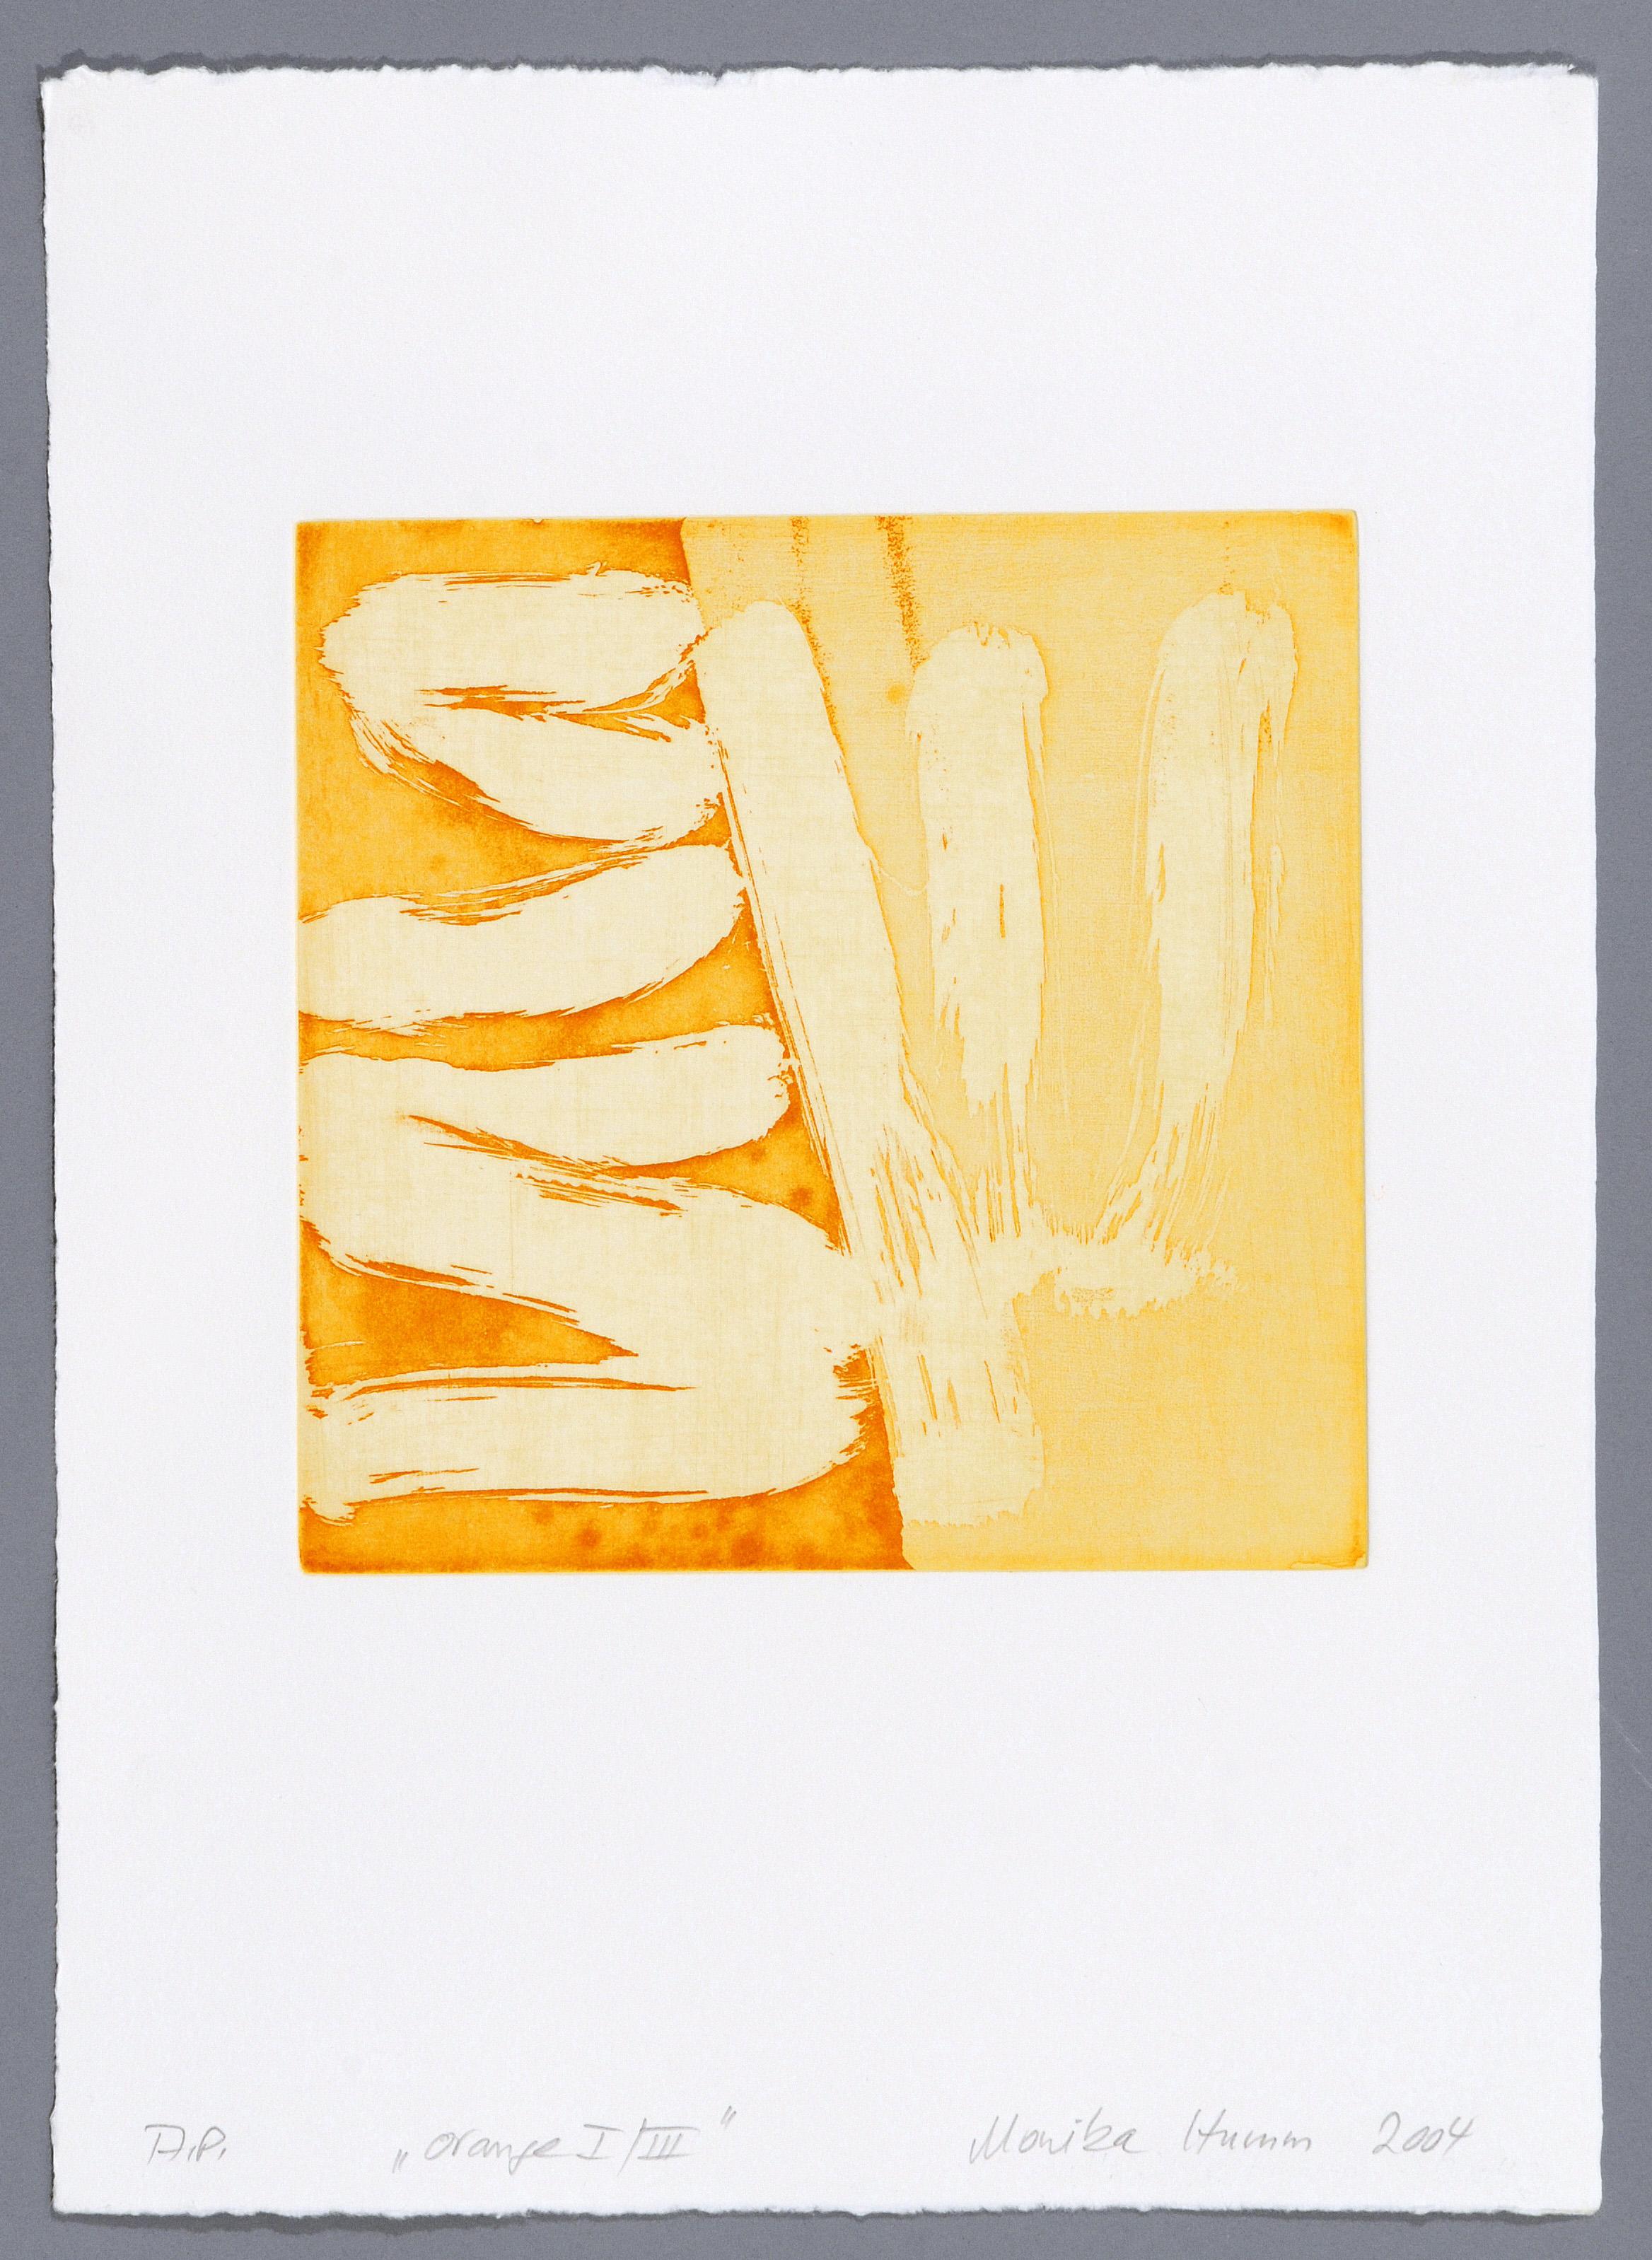 Humm_Aquatinta_V_yellow_ochre_I_39,5x28,5cm.jpg